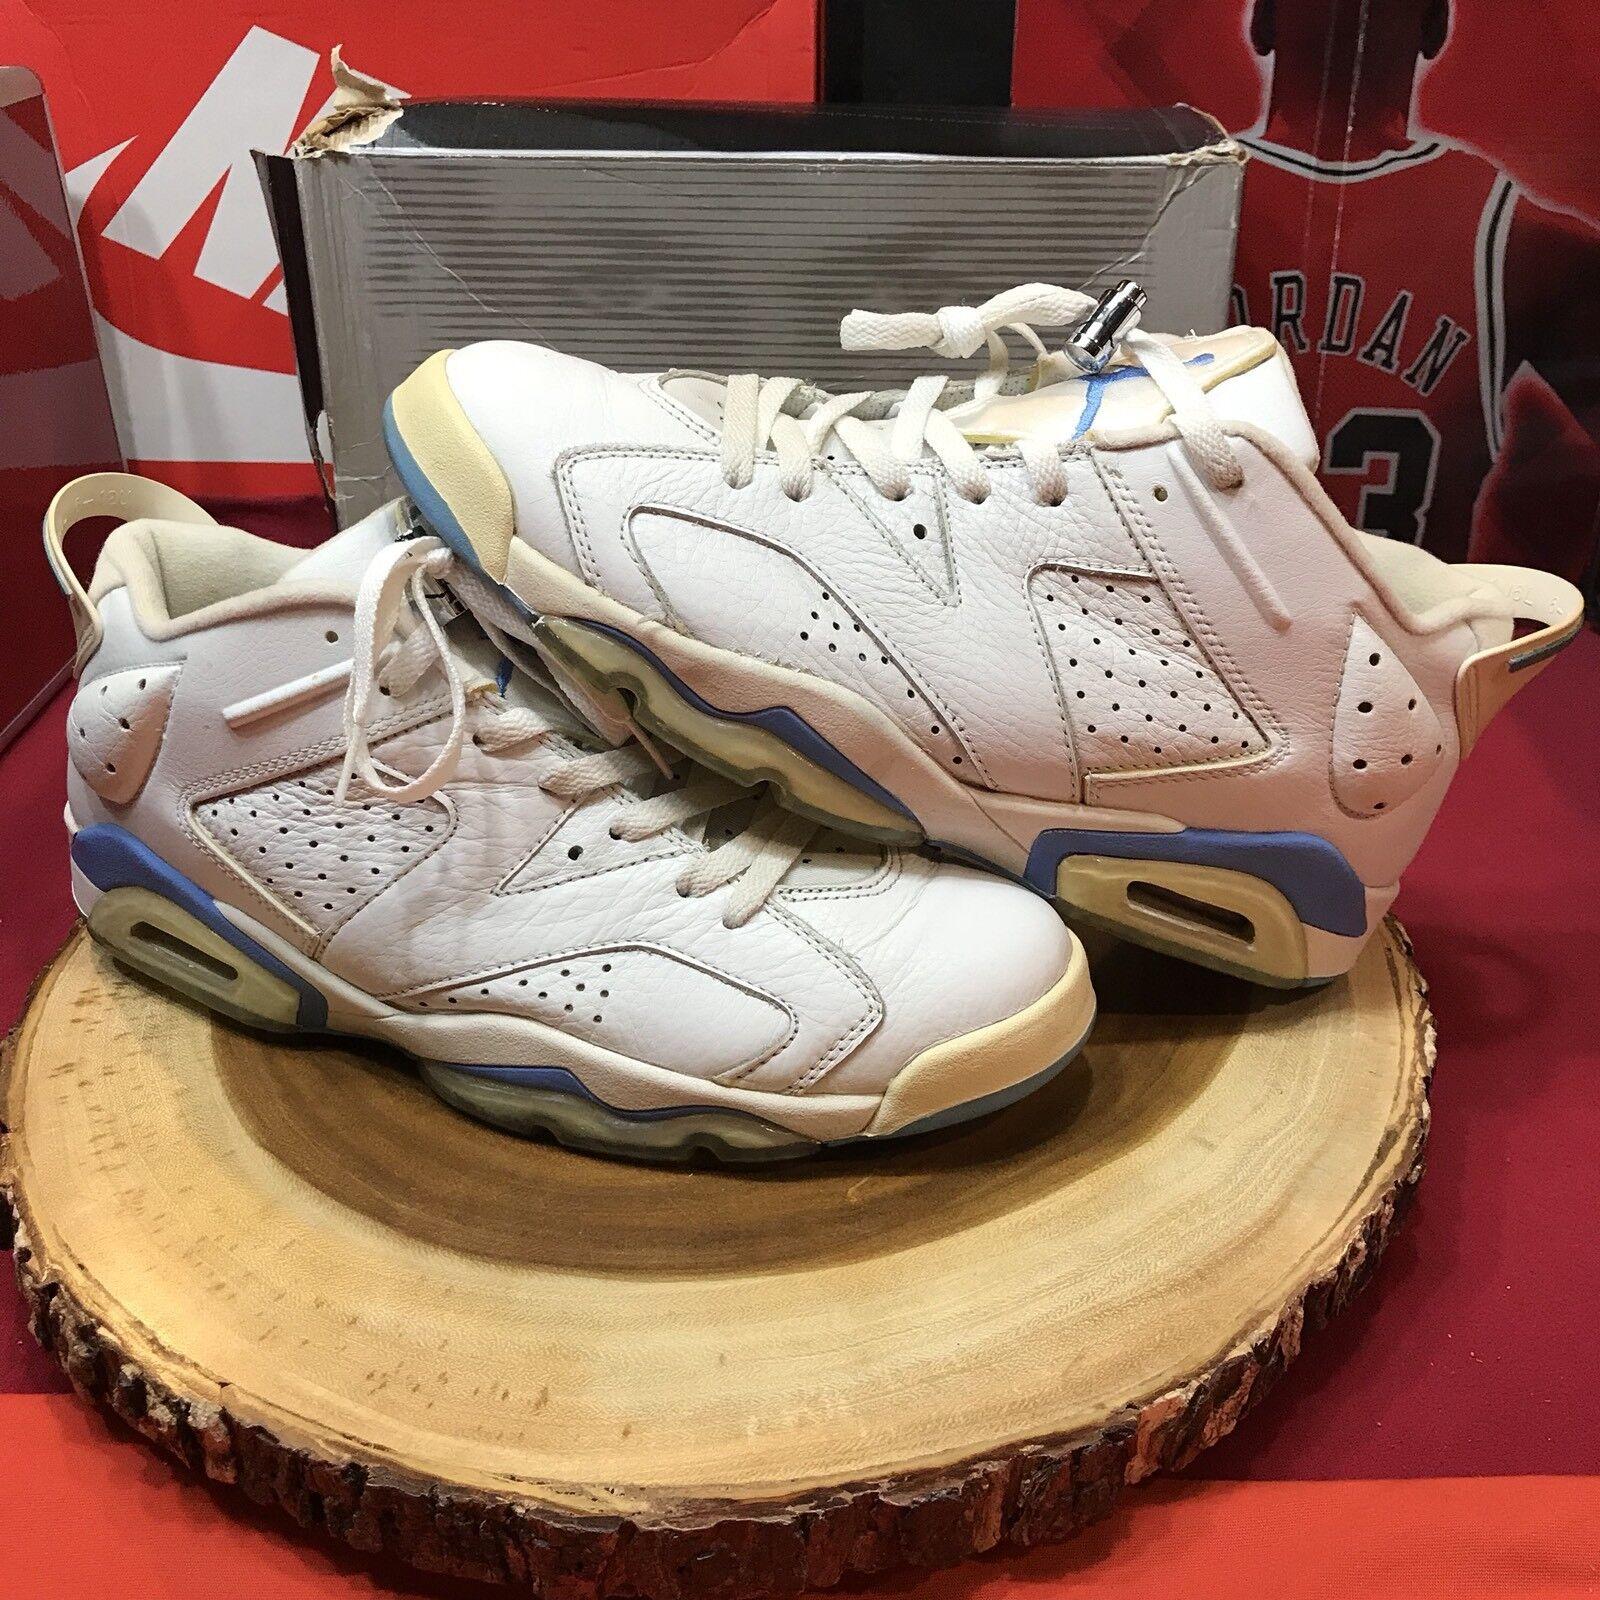 Nike Air Jordan Retro VI Low UNC University Carolina Blue 304401 141 size 11 V I